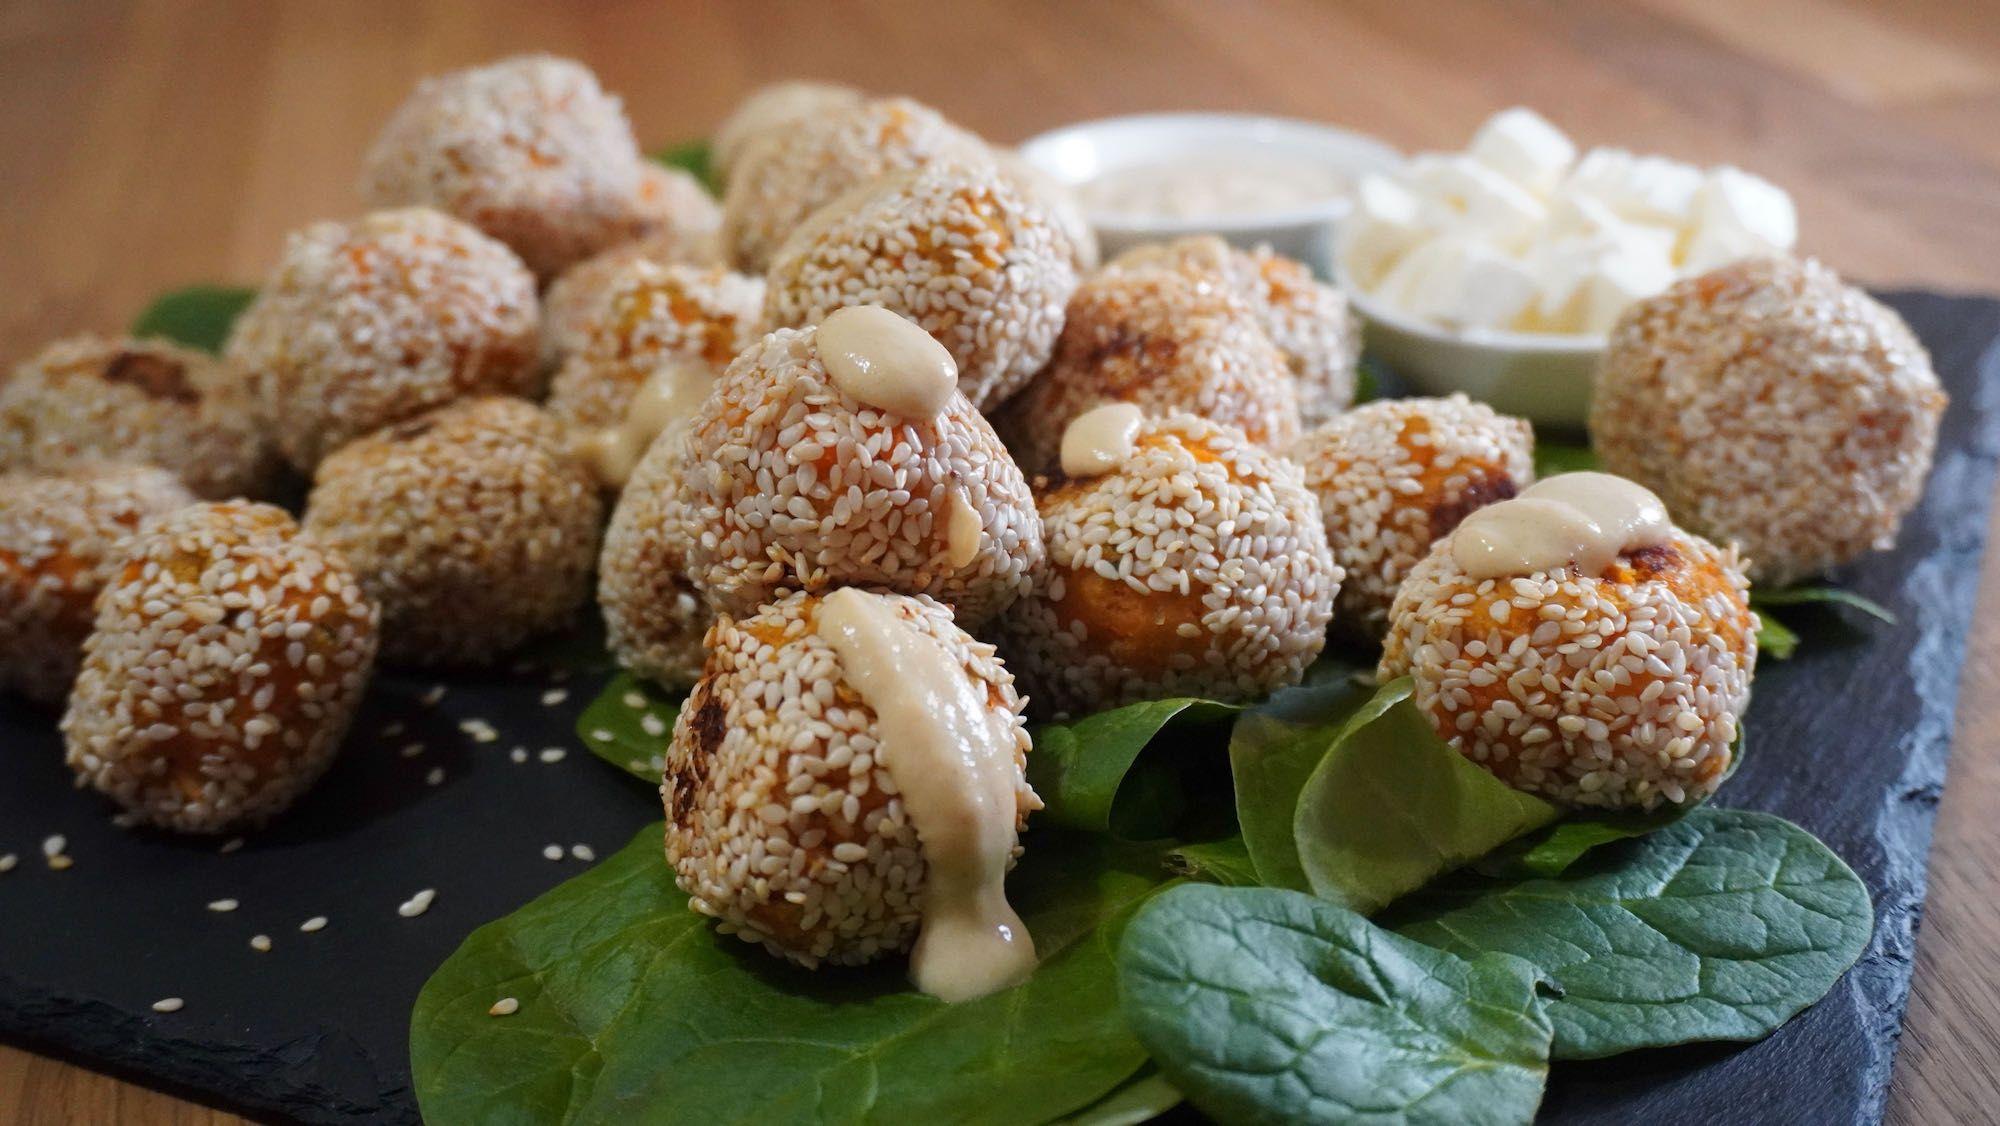 What's for Dinner? Sweet Potato Balls